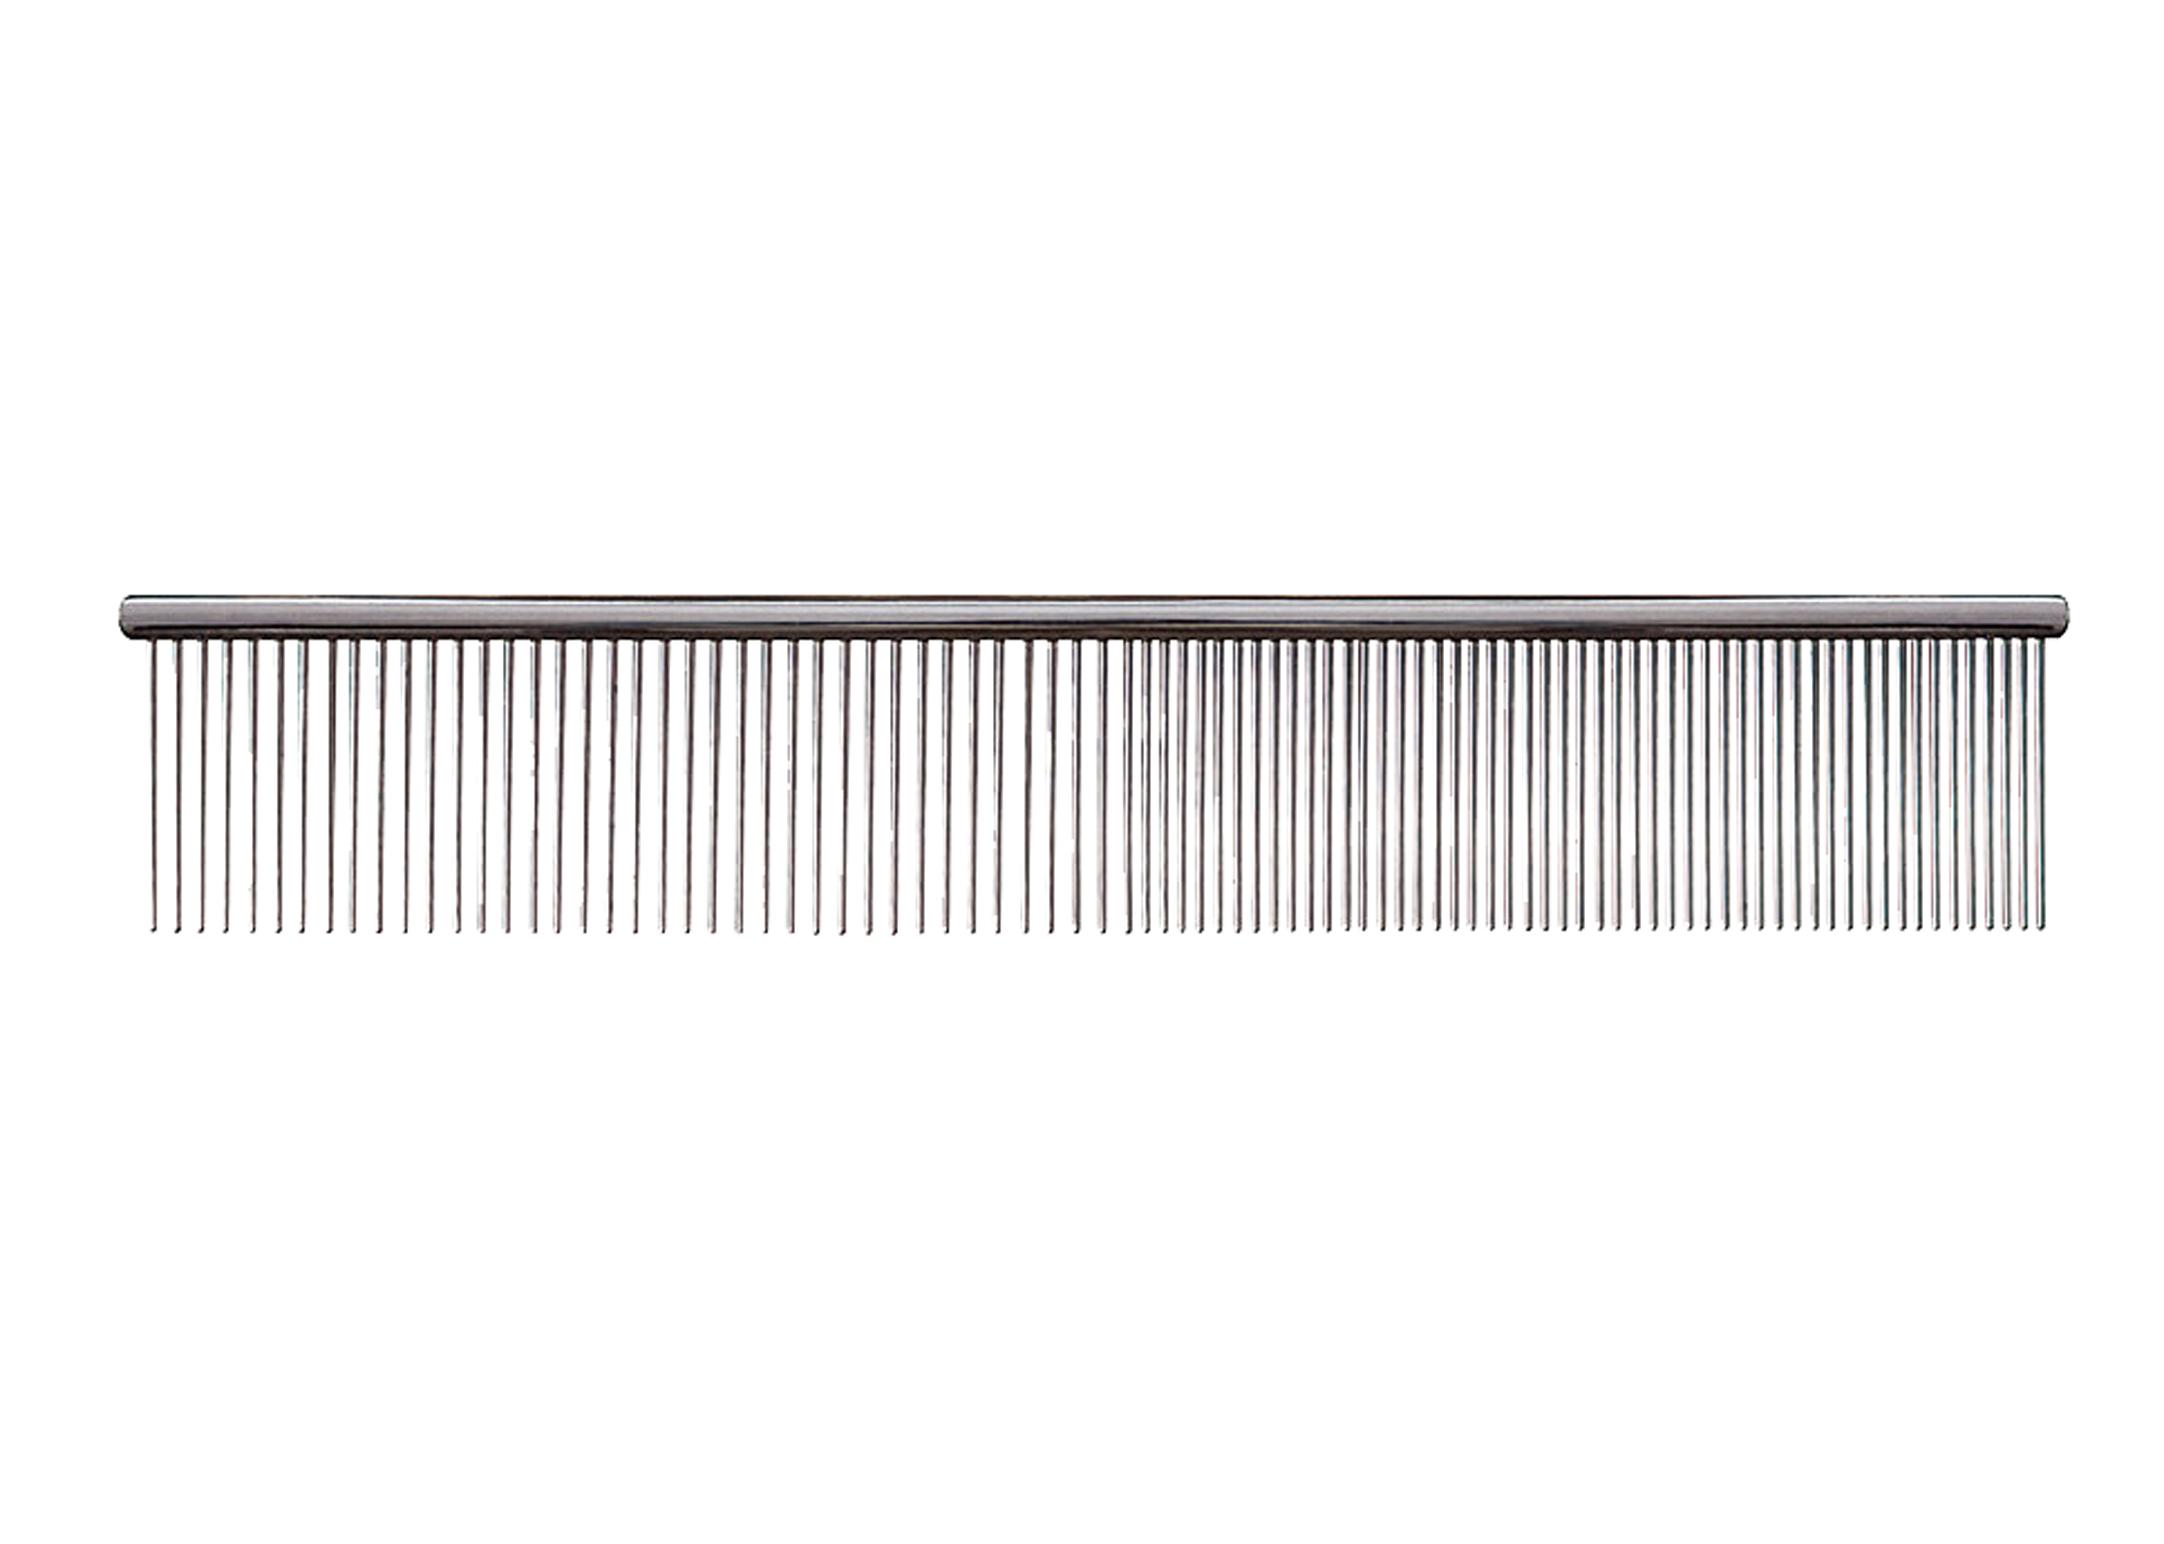 Utsumi U&U Half & Half SS Comb 19cm Comb